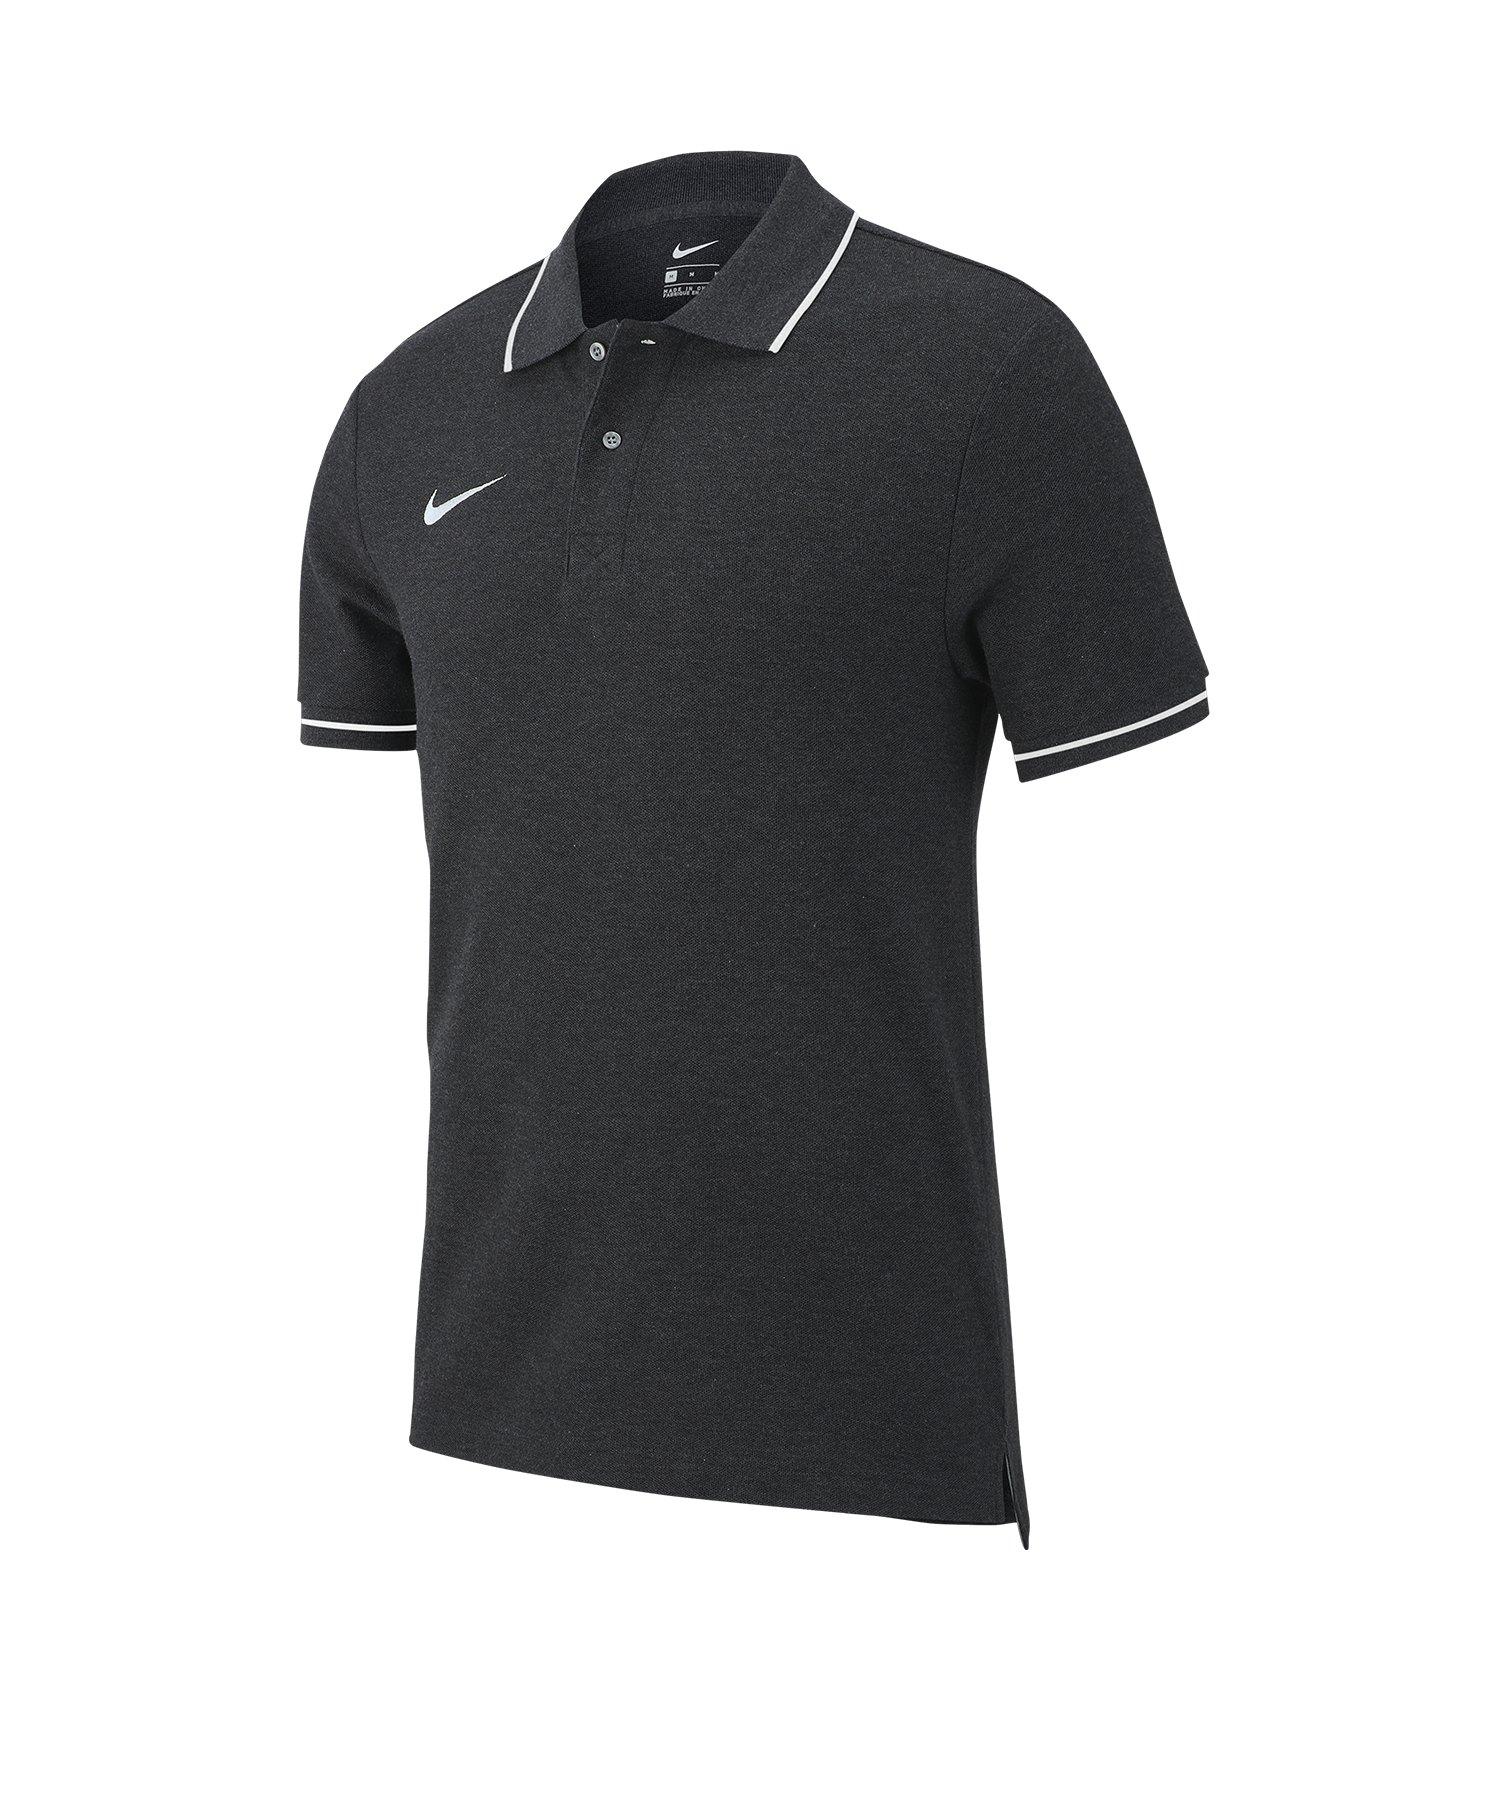 Nike Club 19 Poloshirt Grau F071 - grau